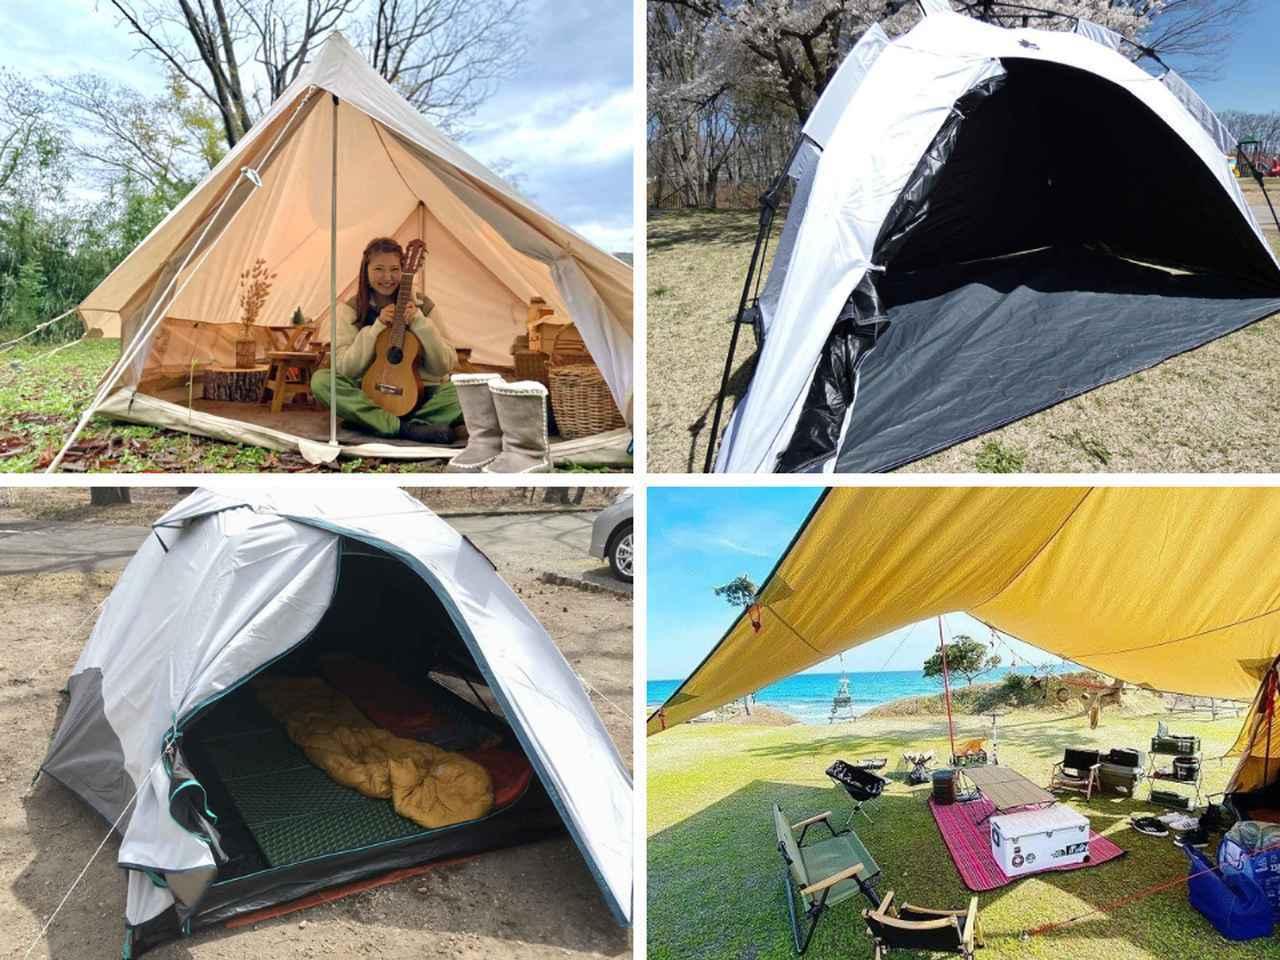 画像: 夏キャンプが快適になる遮光性の高いタープ・シェード・テント12選! 遮光素材・コットン・TC素材がおすすめ - ハピキャン|キャンプ・アウトドア情報メディア